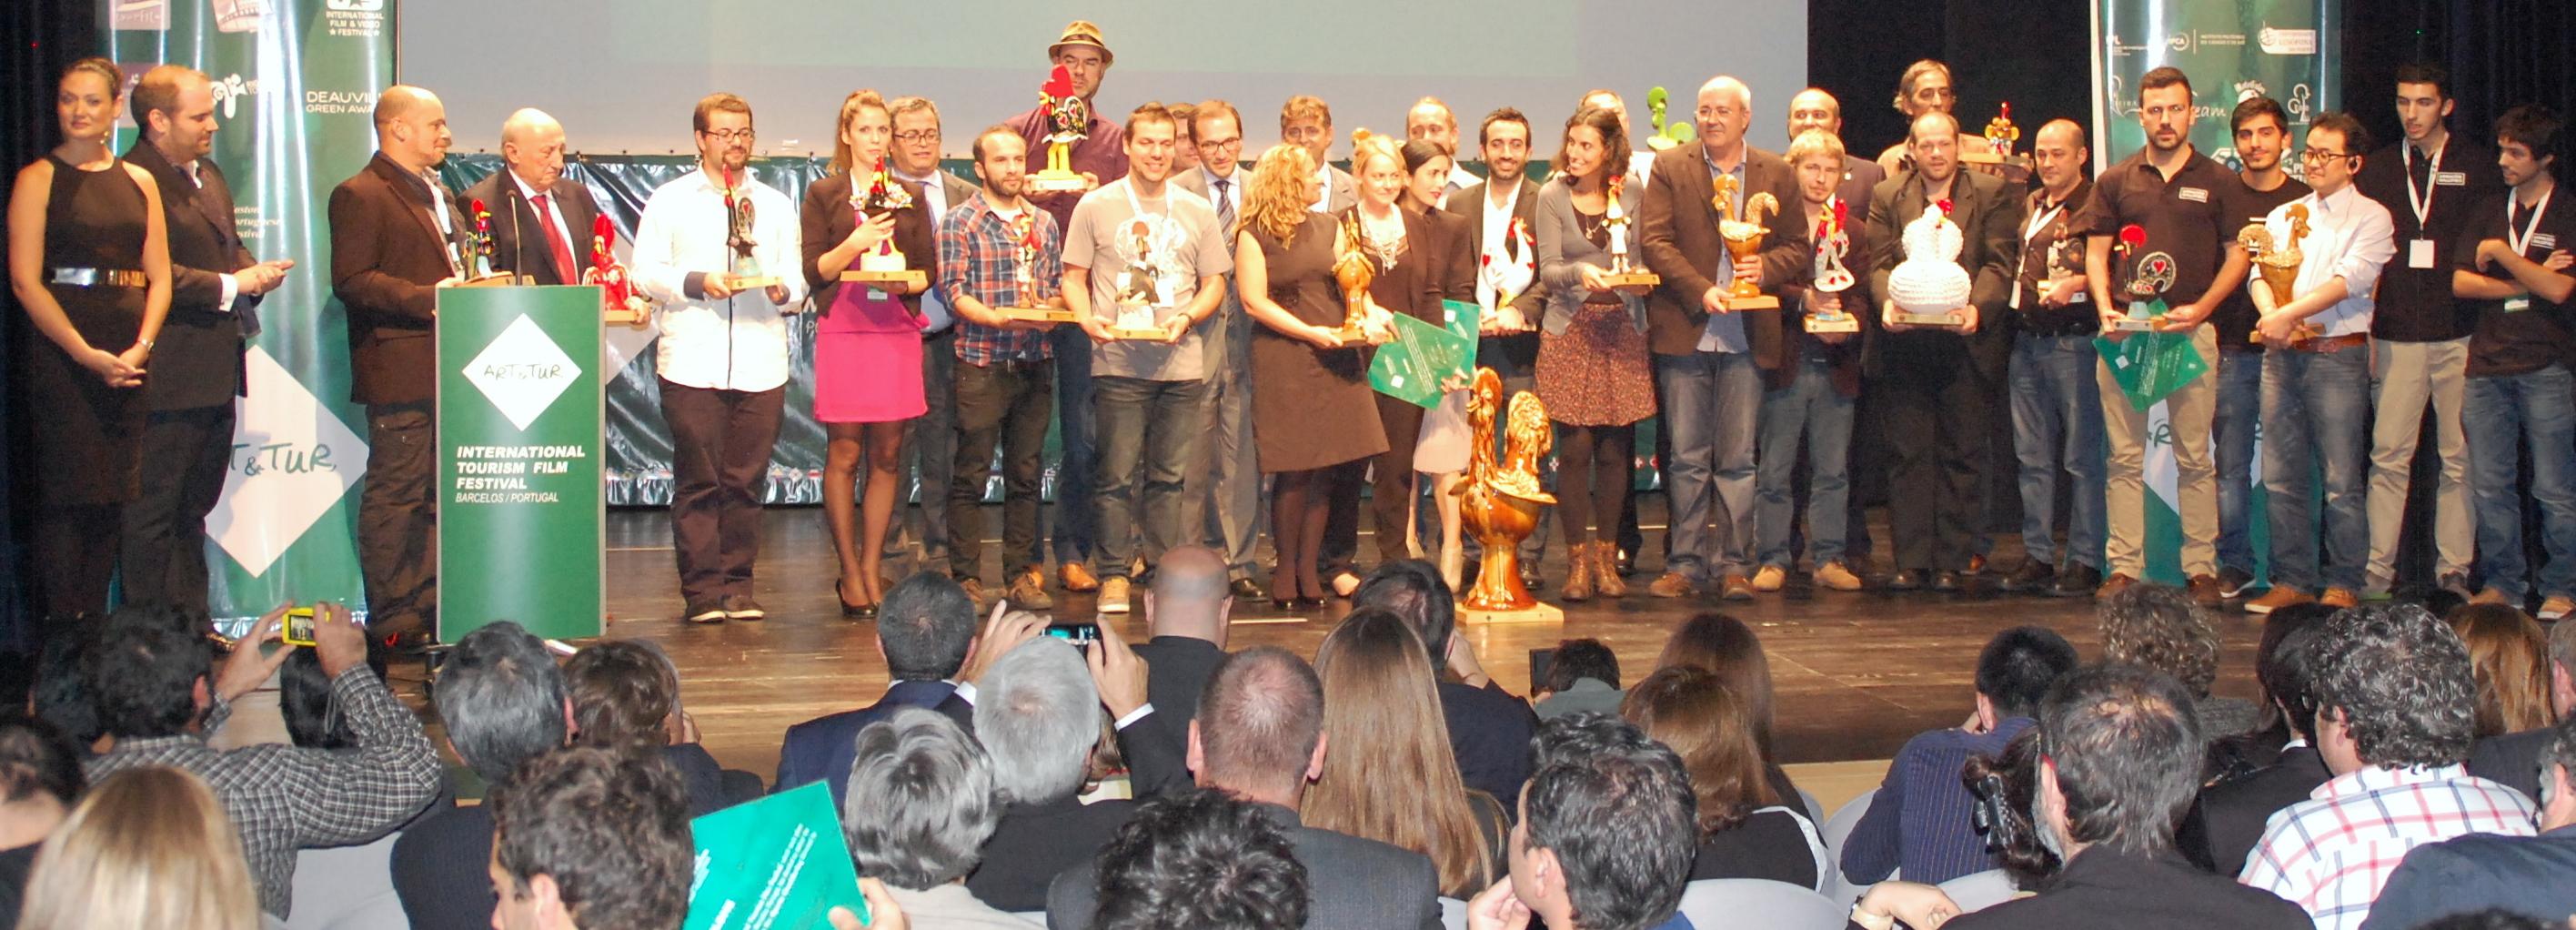 Grande Prémio do Festival Art&Tur para filme promocional português